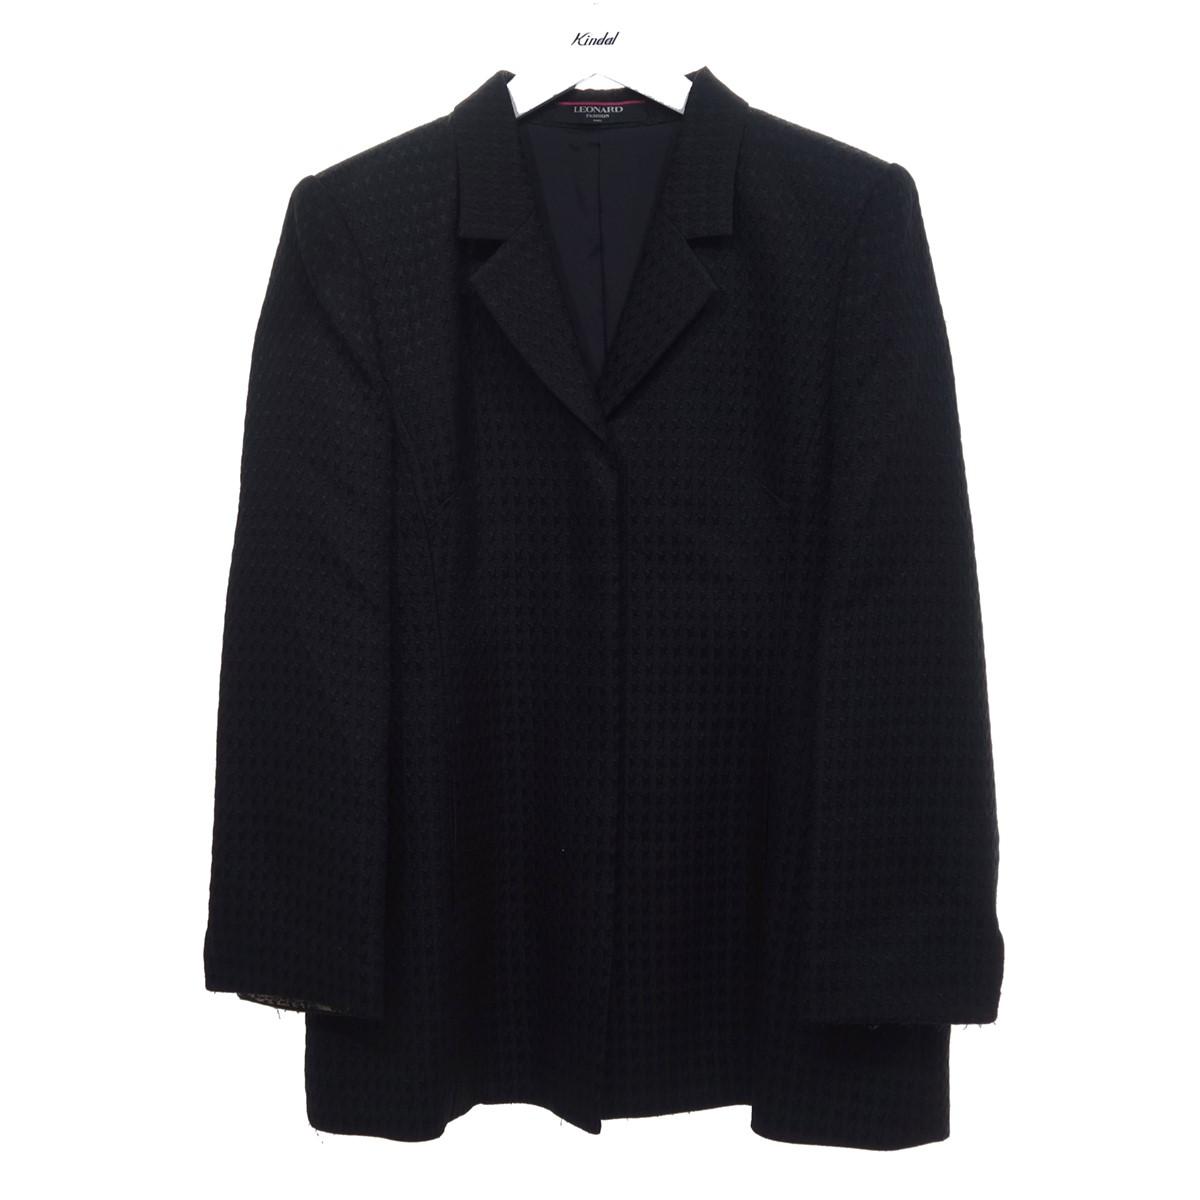 【中古】LEONARD シルクウール ジャケット ブラック サイズ:13AR 【240820】(レオナール)